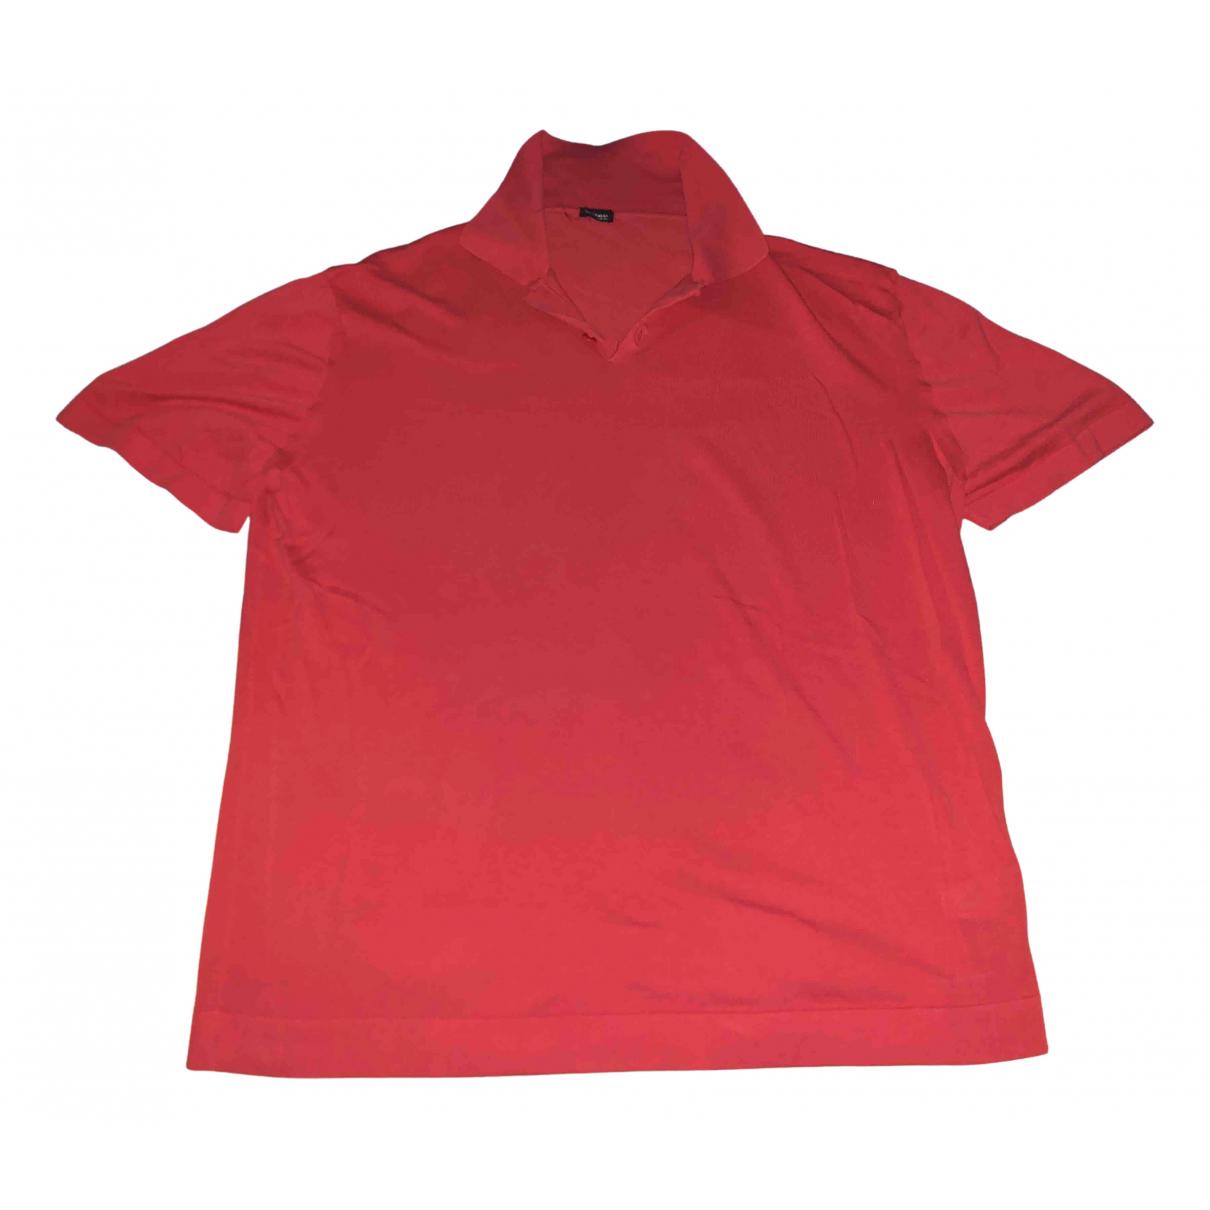 Polo en Algodon Rojo Kiton